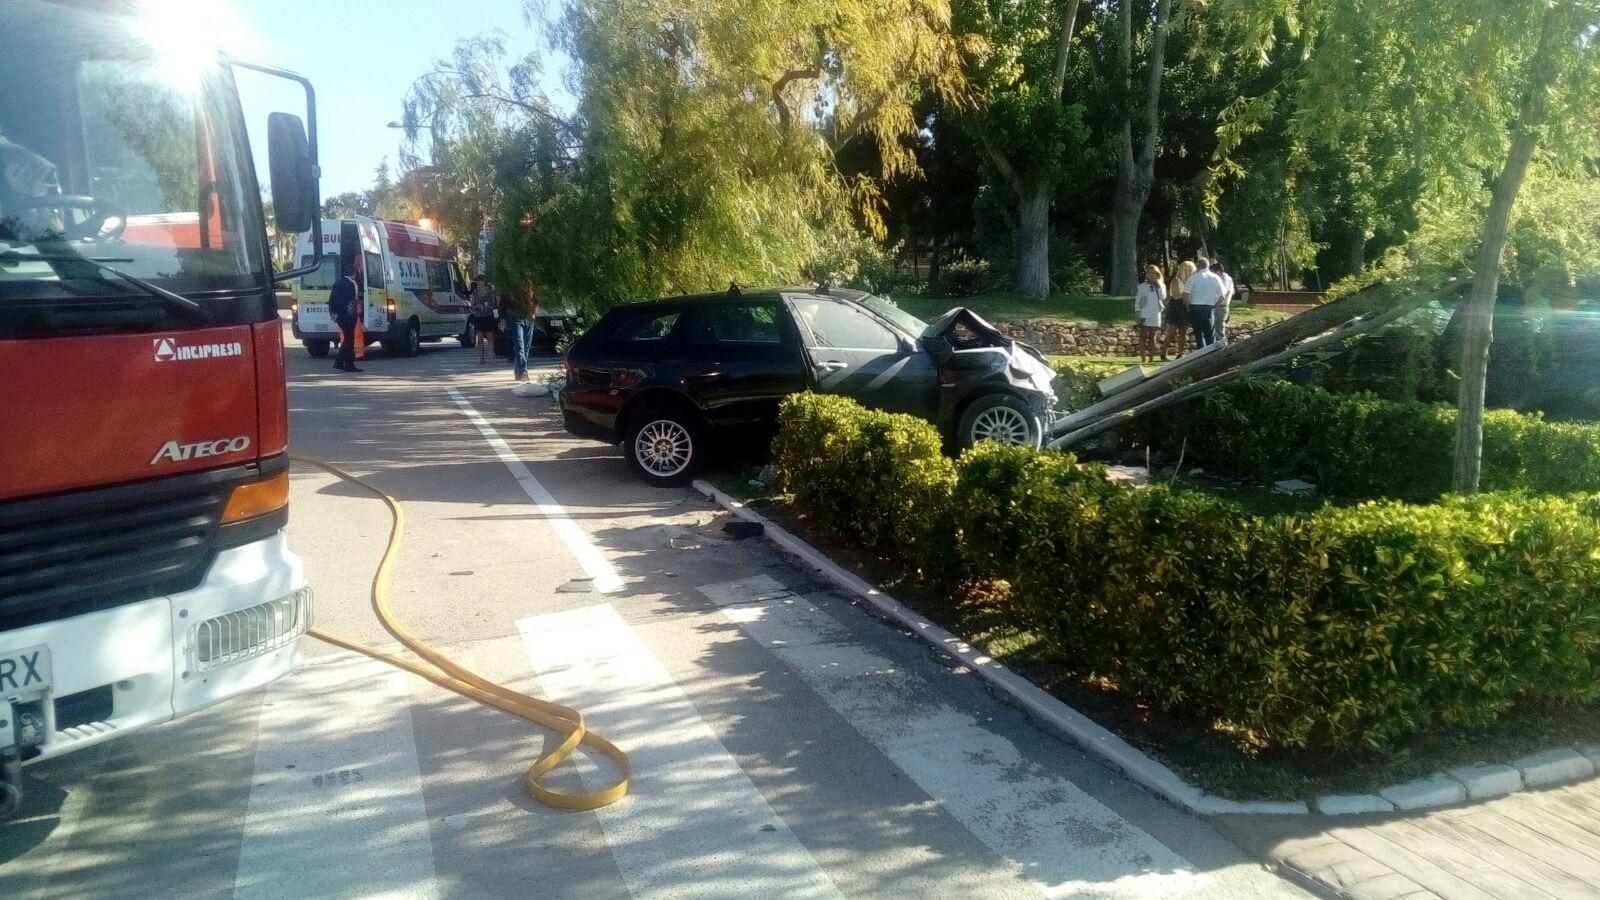 Imagen del accidente facilitada por el Consorcio Provincial de Bomberos.